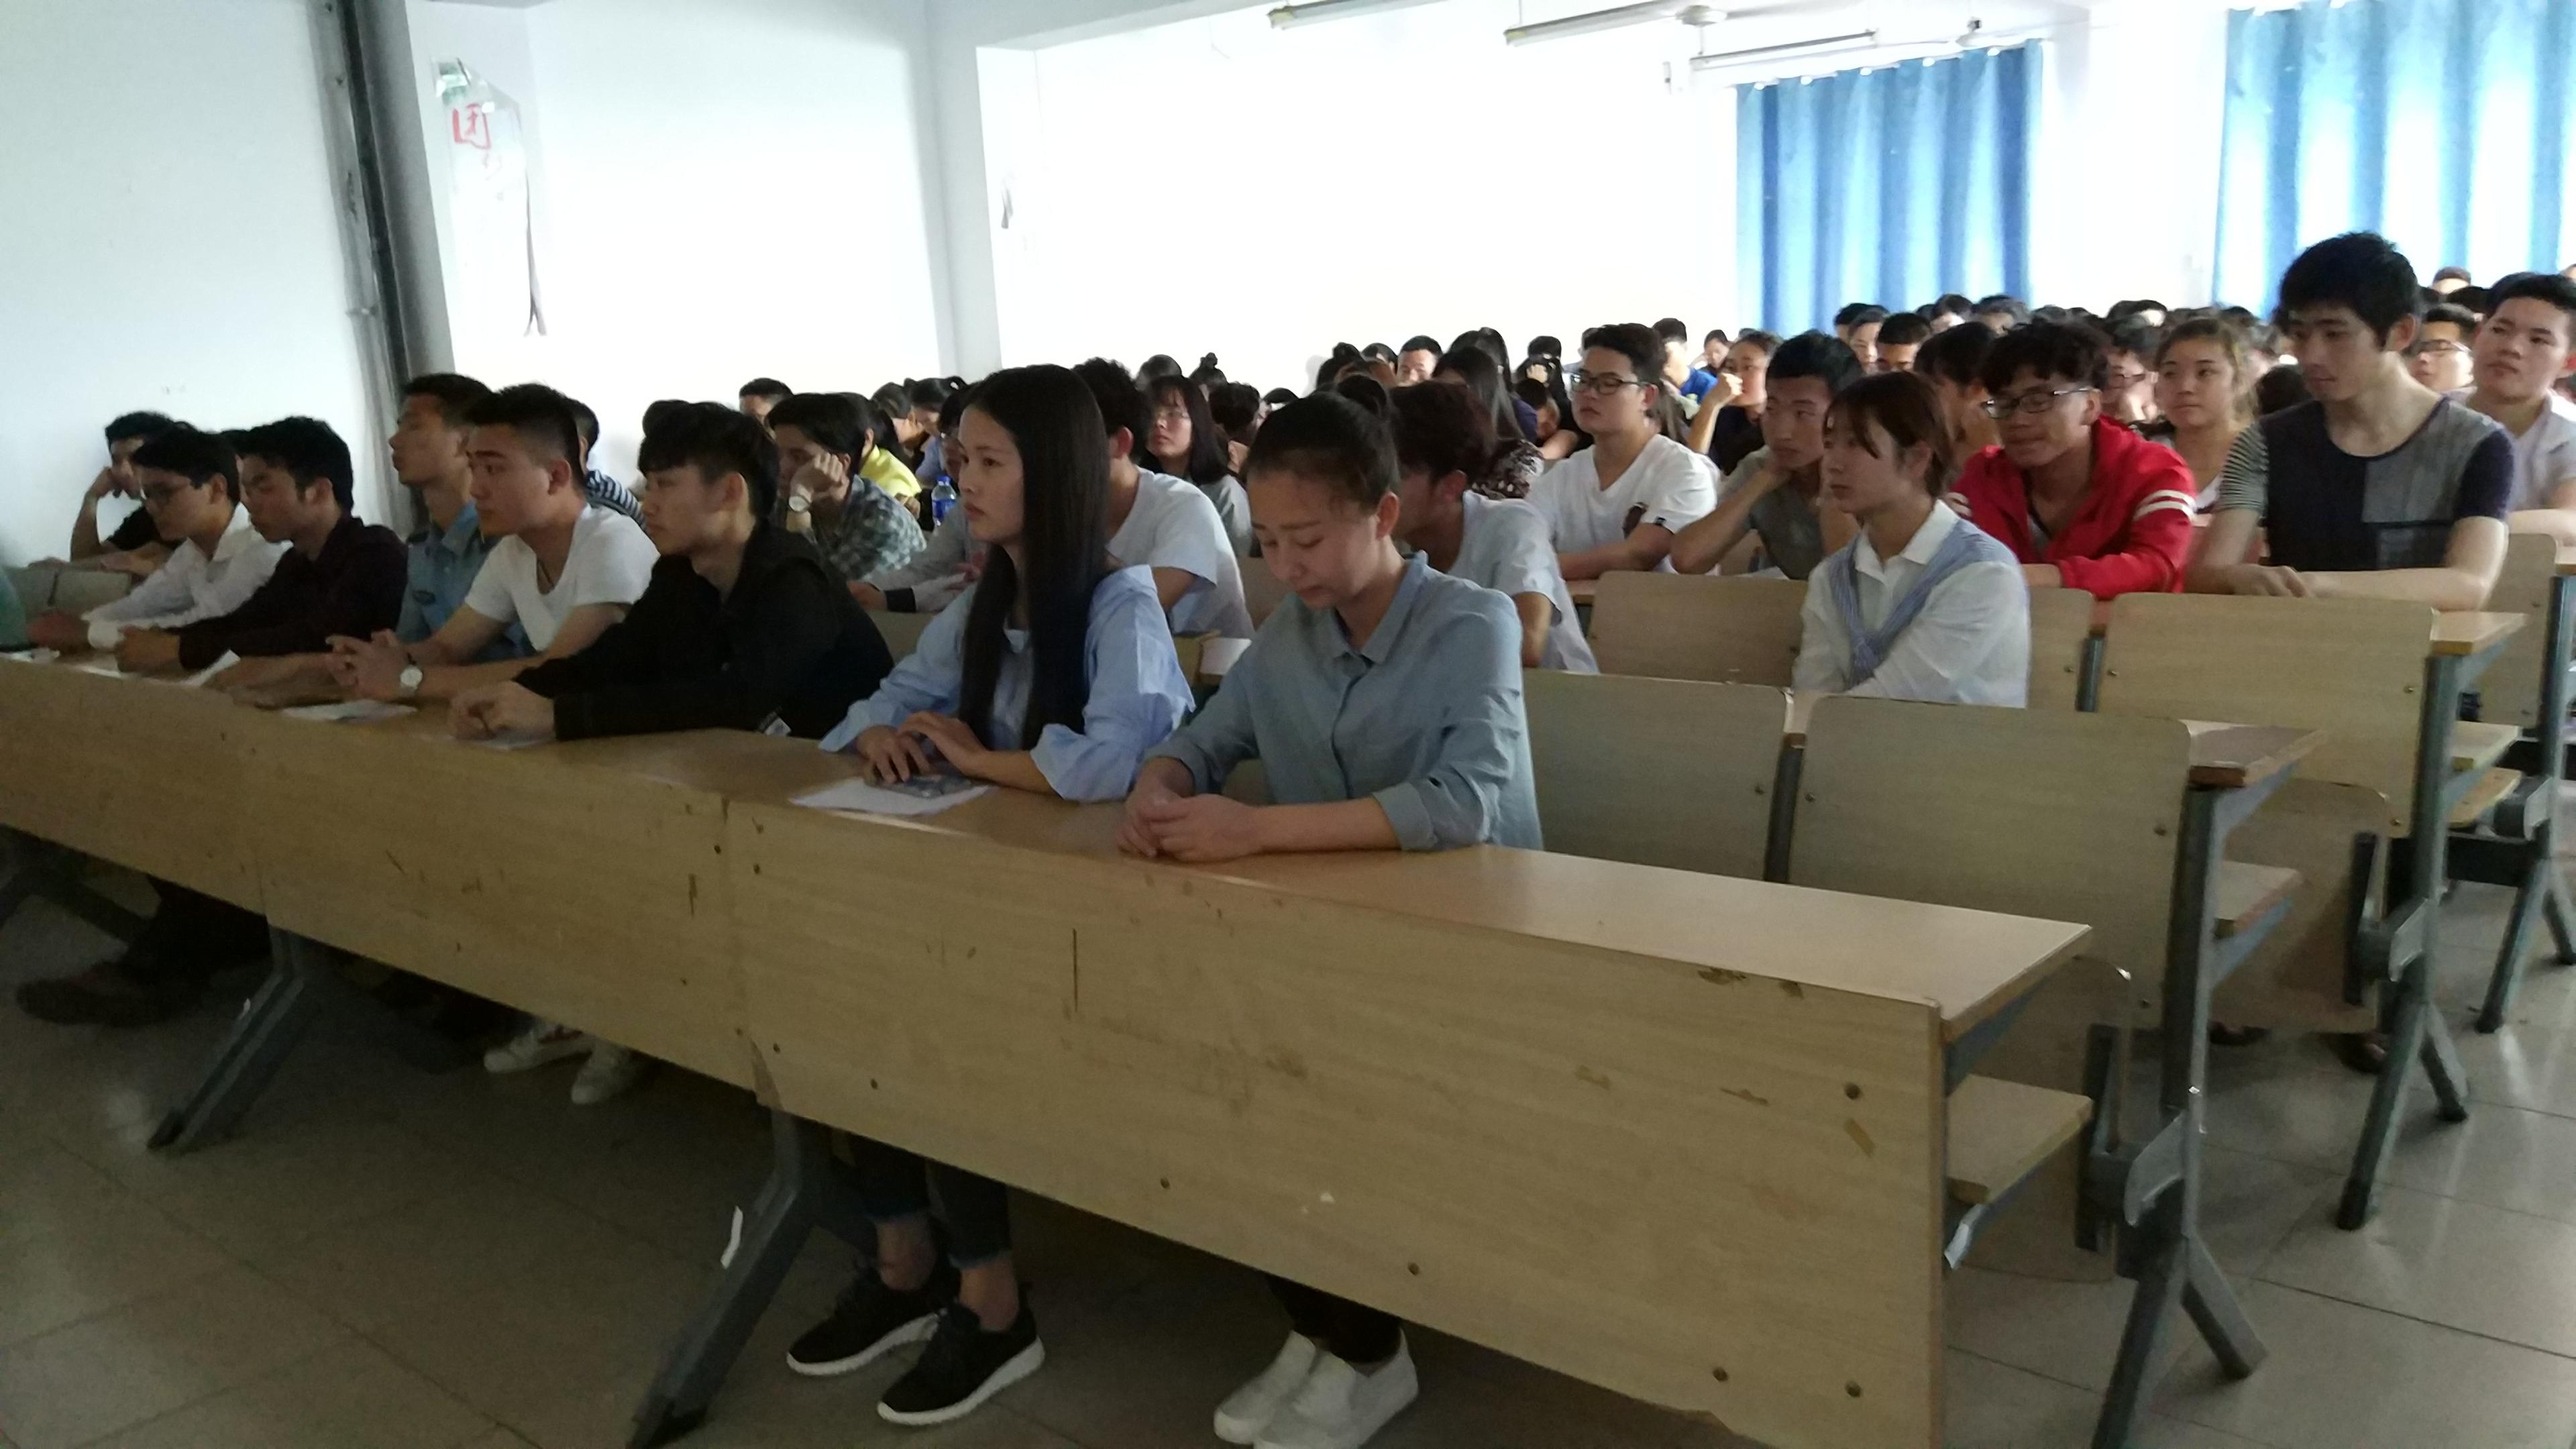 3(第一排就座的是获得年度人物荣誉称号的学生).jpg